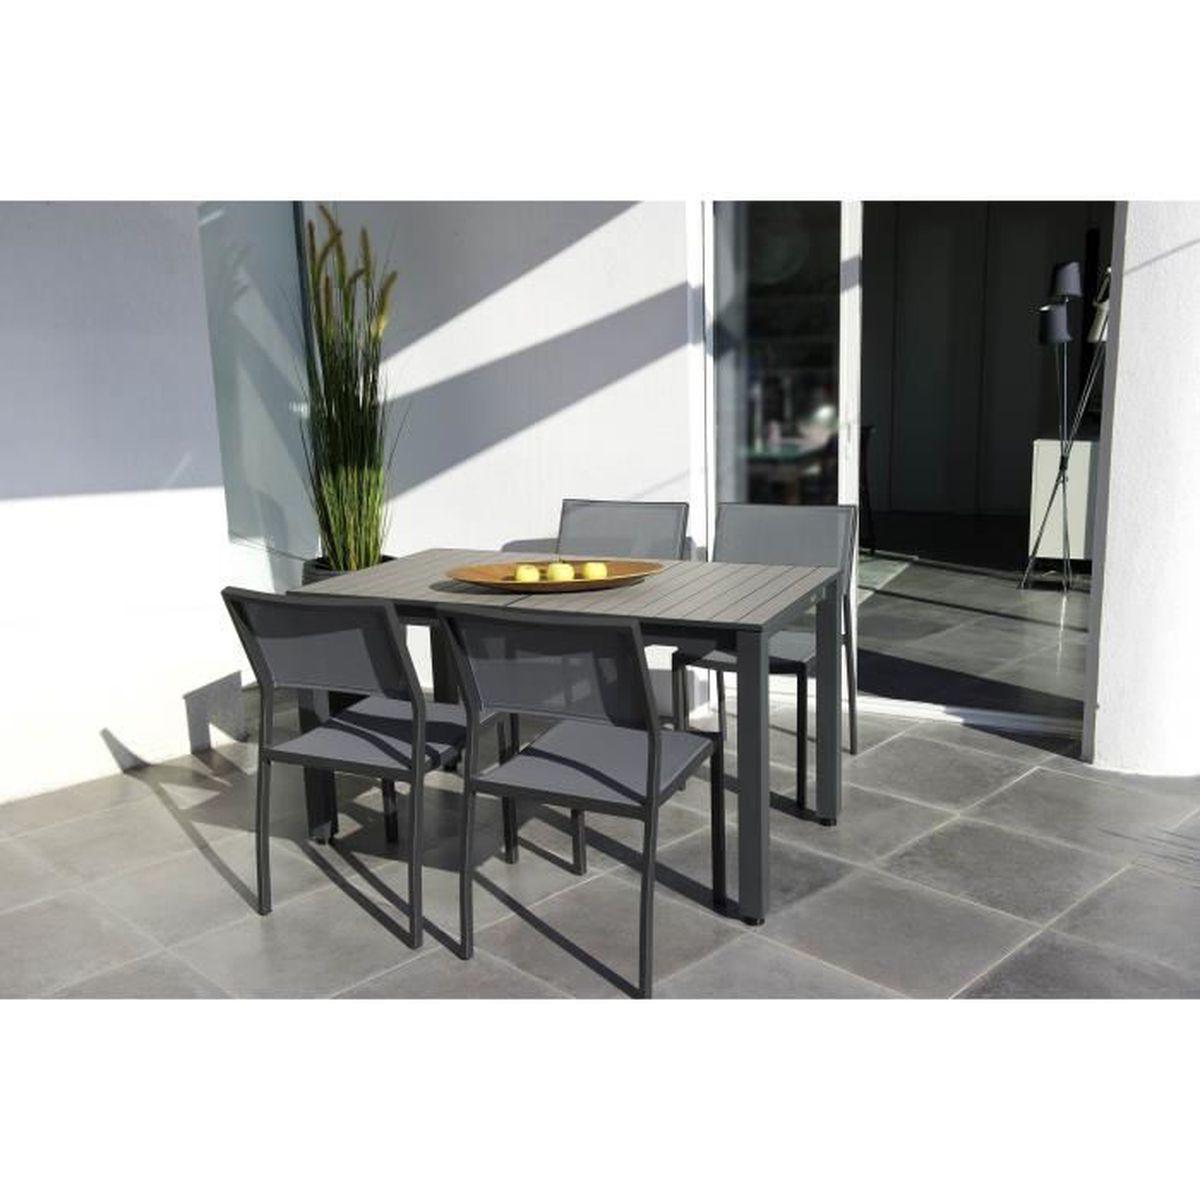 TABLE EXTENSIBLE BALCON AVEC ALLONGE PAPILLON - Achat / Vente